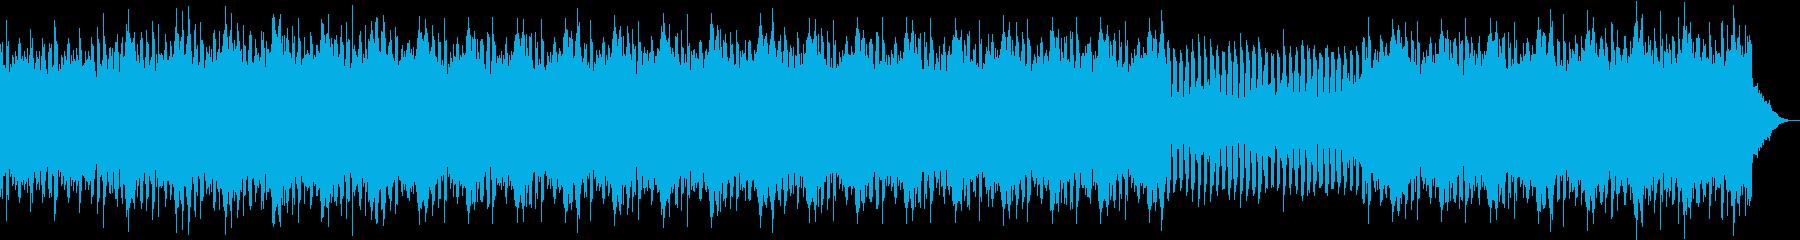 軽快なフルートのpops の再生済みの波形